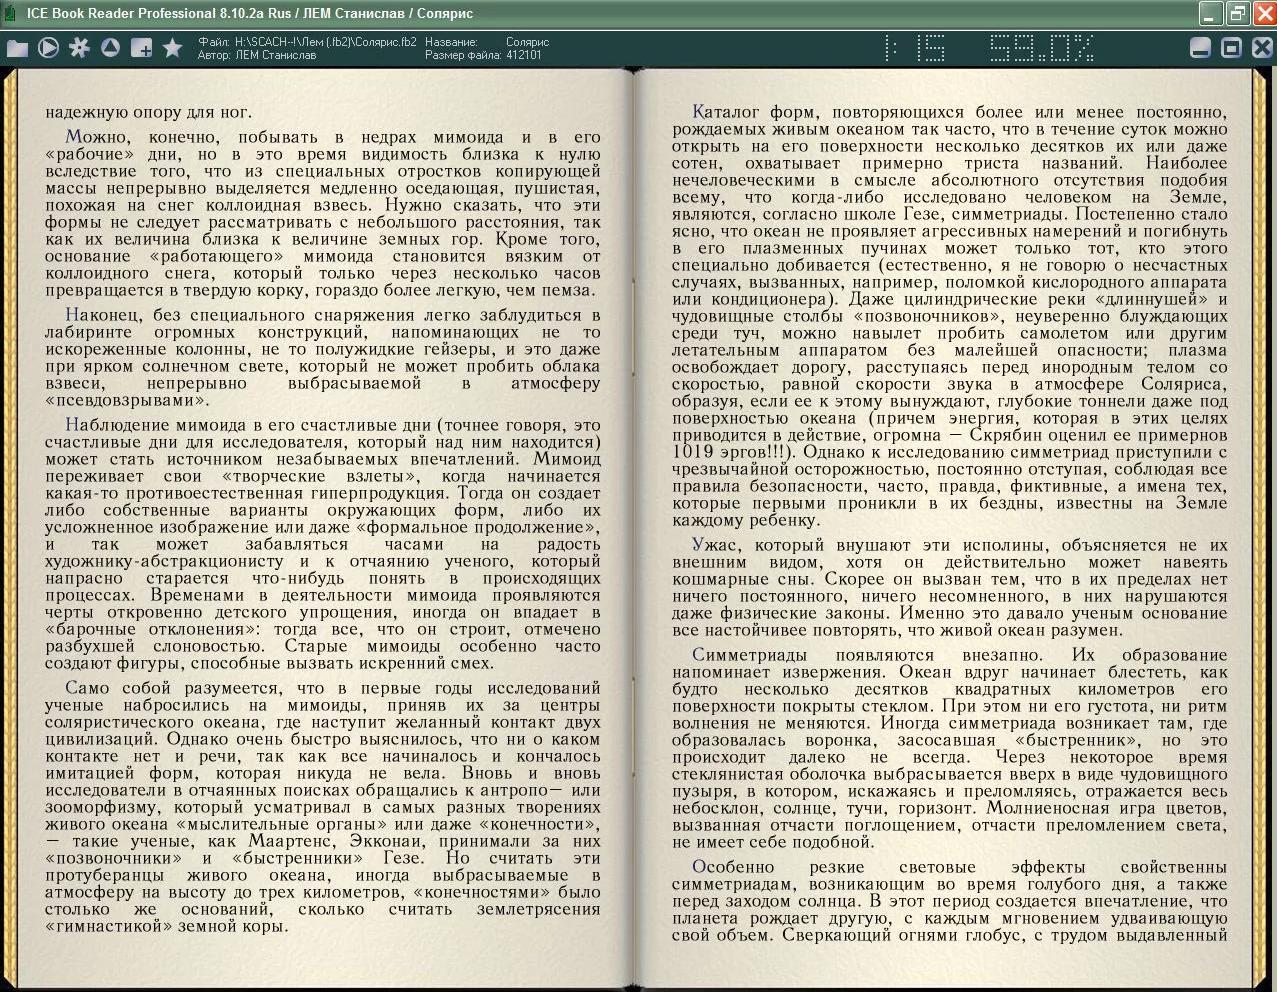 Программа для открытия файлов формата fb2 для Windows 7, 8, 10